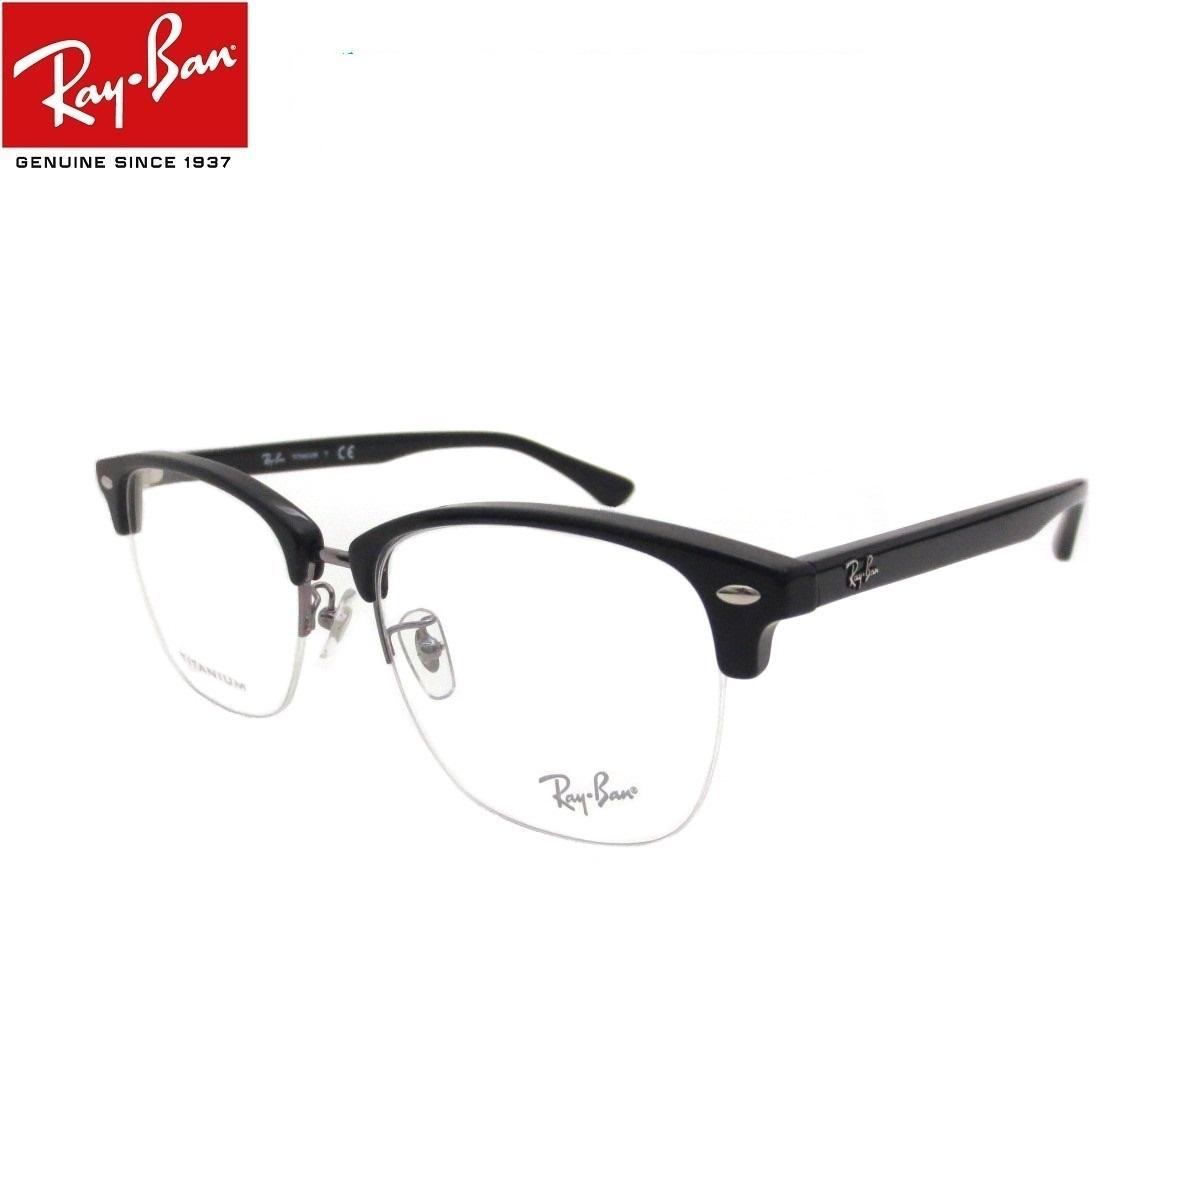 眼精疲労予防ネッツペックコートレンズ レイバン メガネ bui Ray-Ban RX5357TD 5709(55)伊達メガネ PCメガネ 眼精疲労予防レンズ(ビュイ bui)セット(伊達眼鏡用)